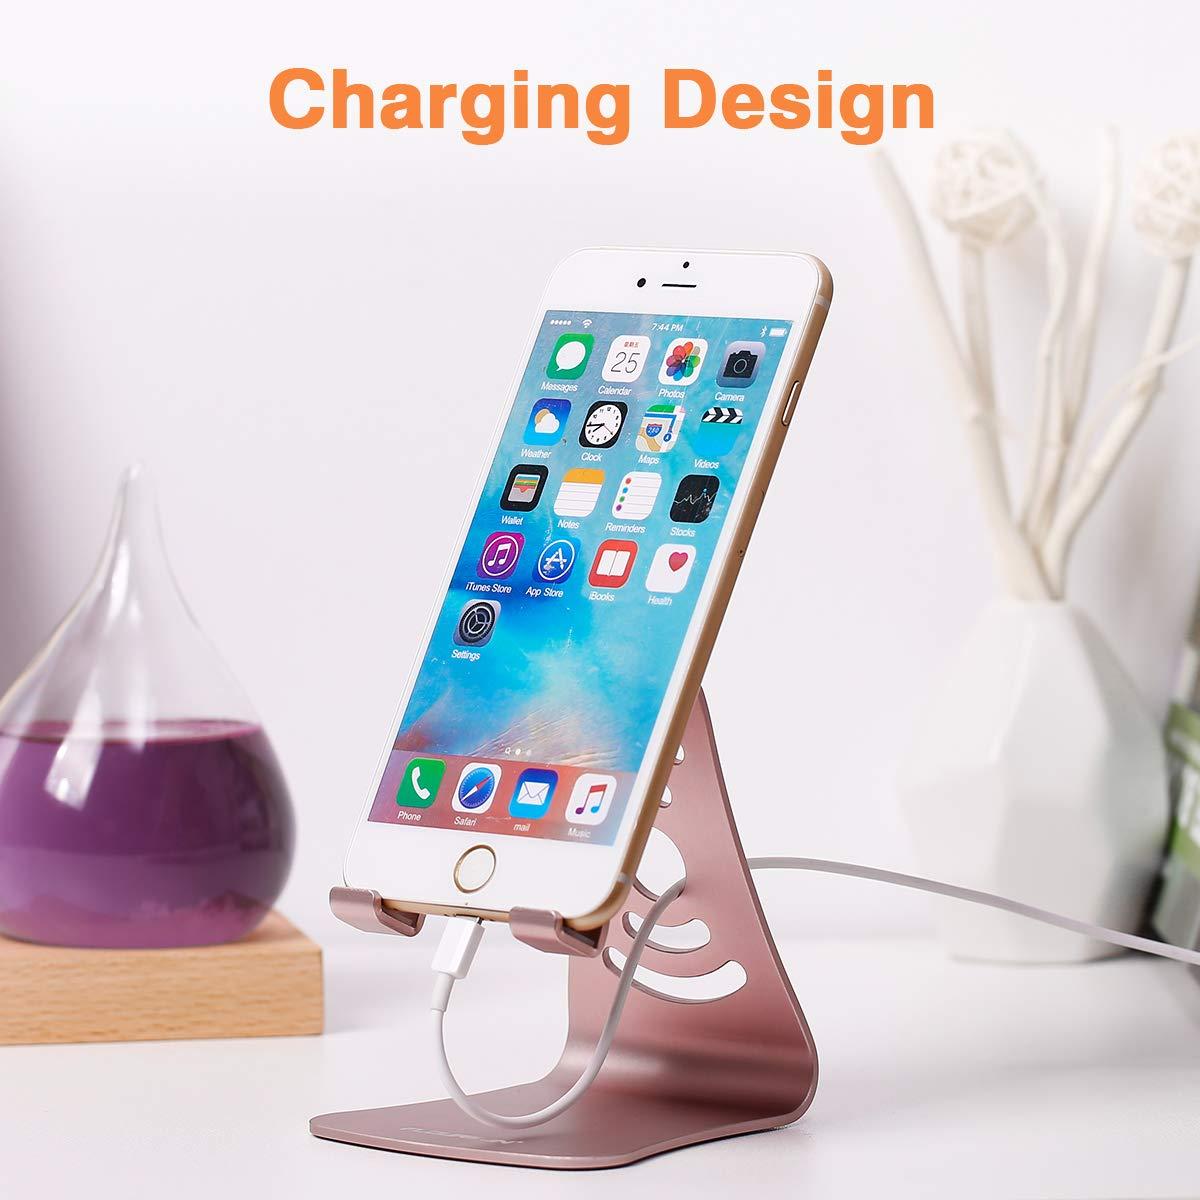 FLOUREON Handy Ständer Smartphone Halterung Handyhalter Tablet Stand für iPhone iPad Samsung Huawei Kindle und alle andere Tableten Handys Rosa Gold